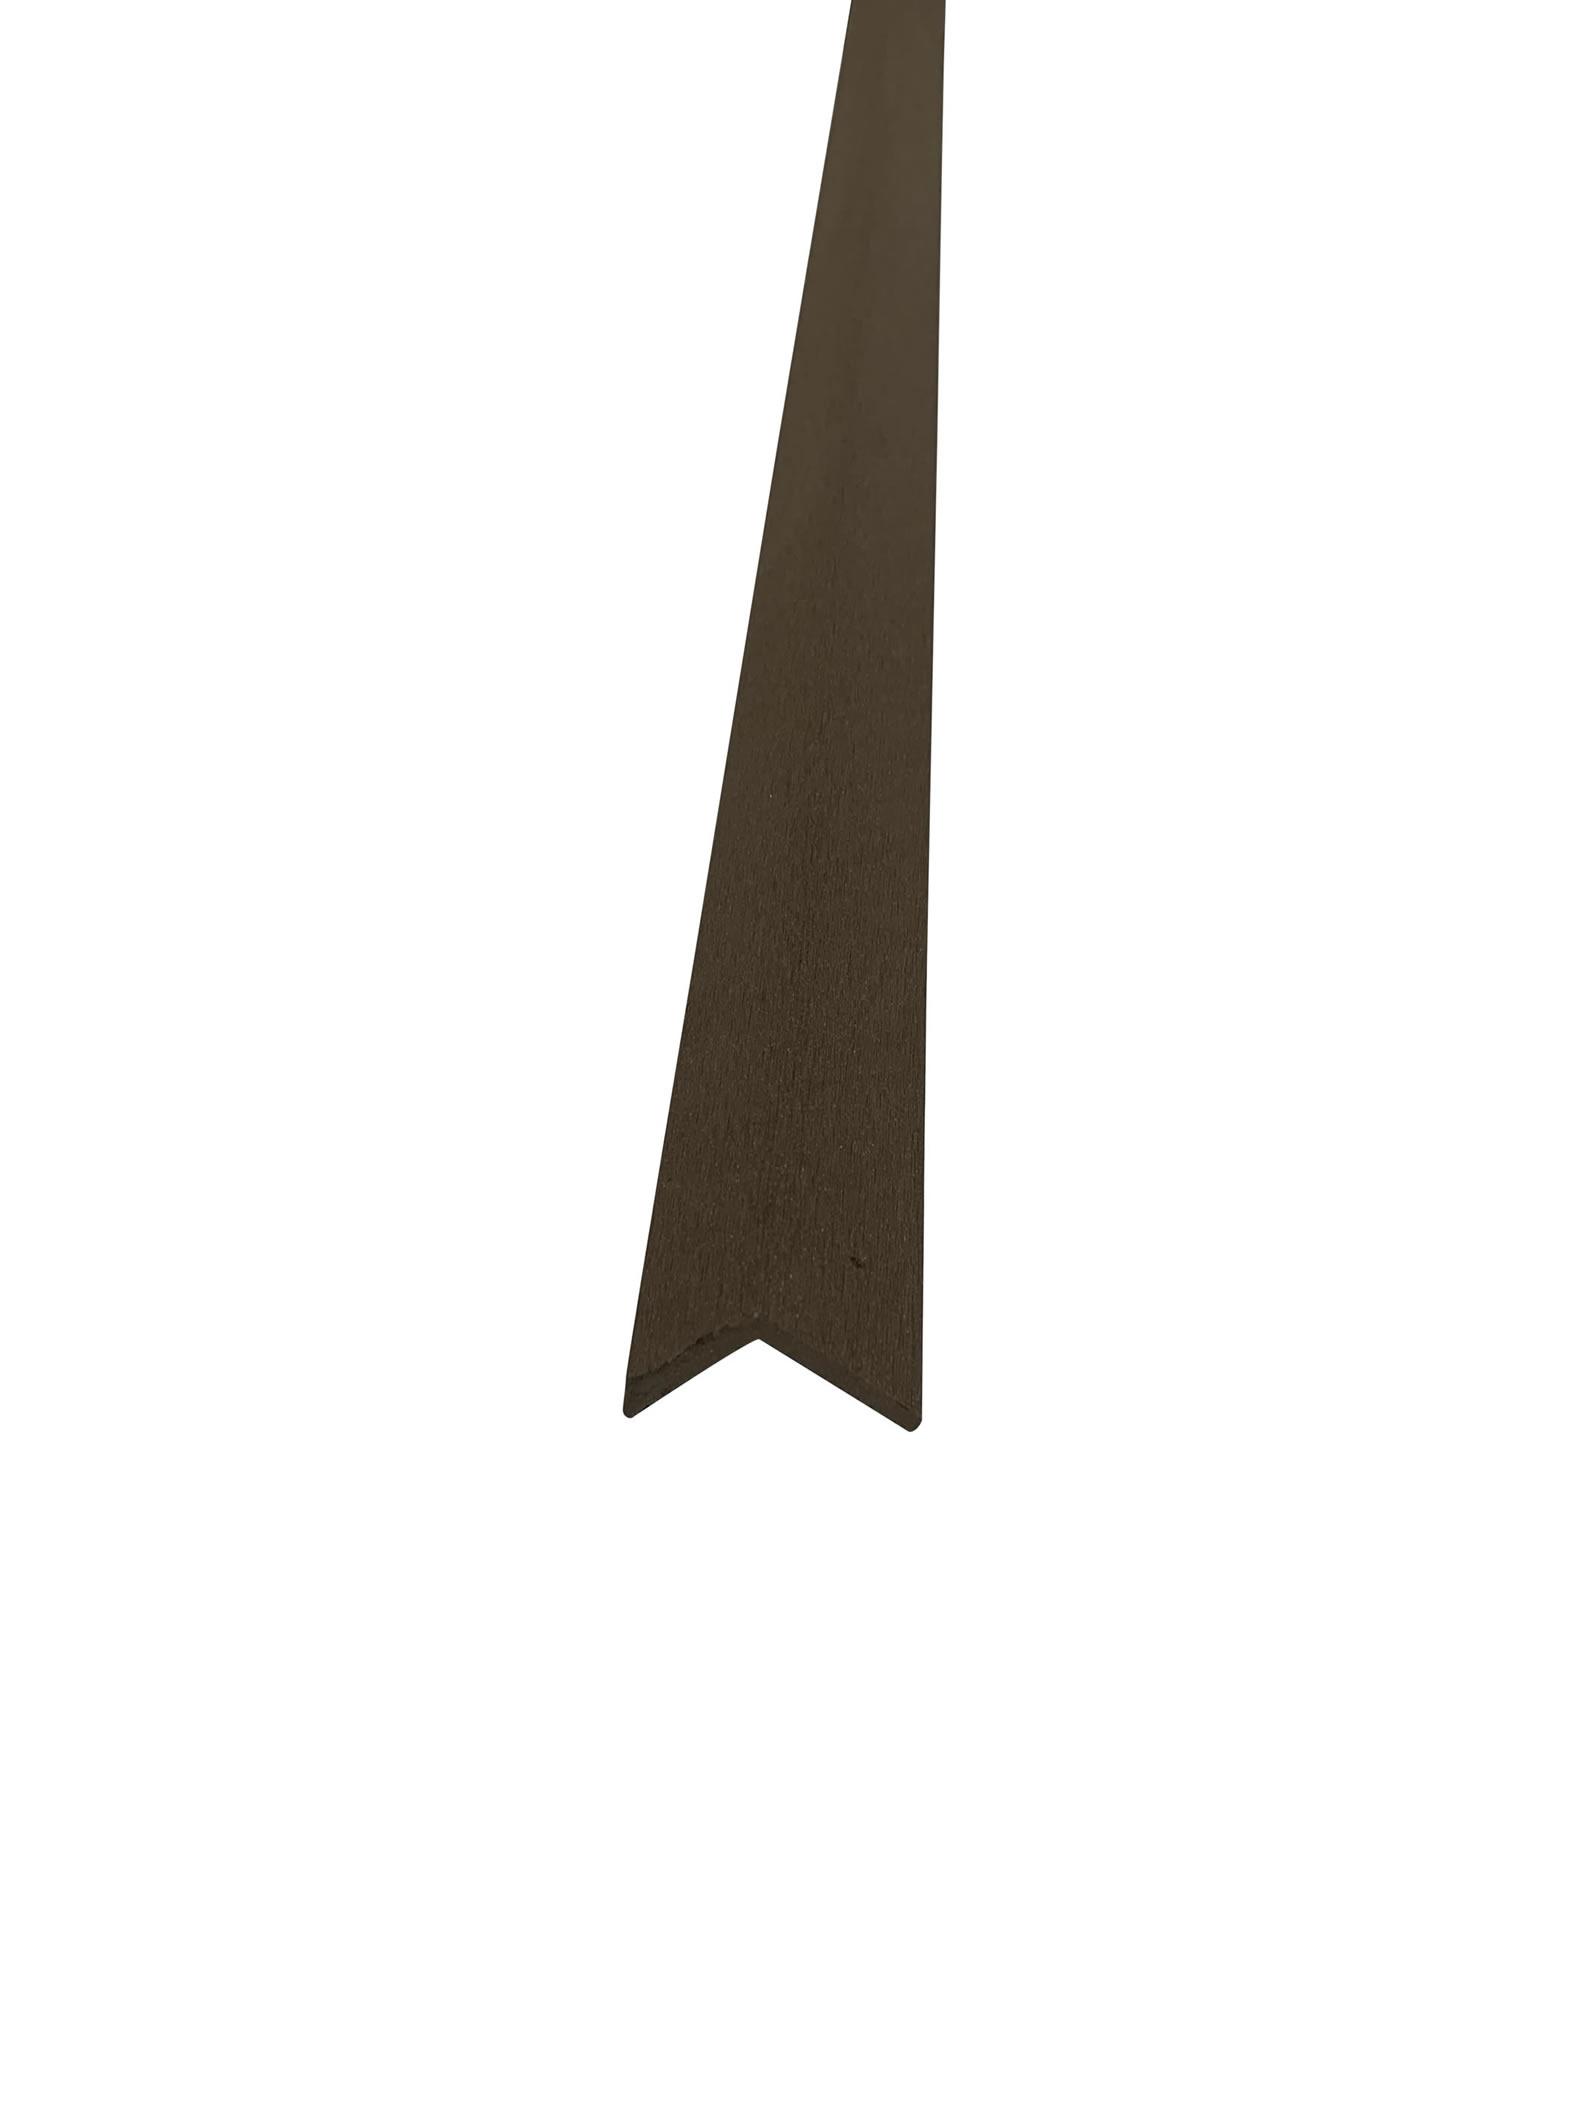 Brown Decking Angle